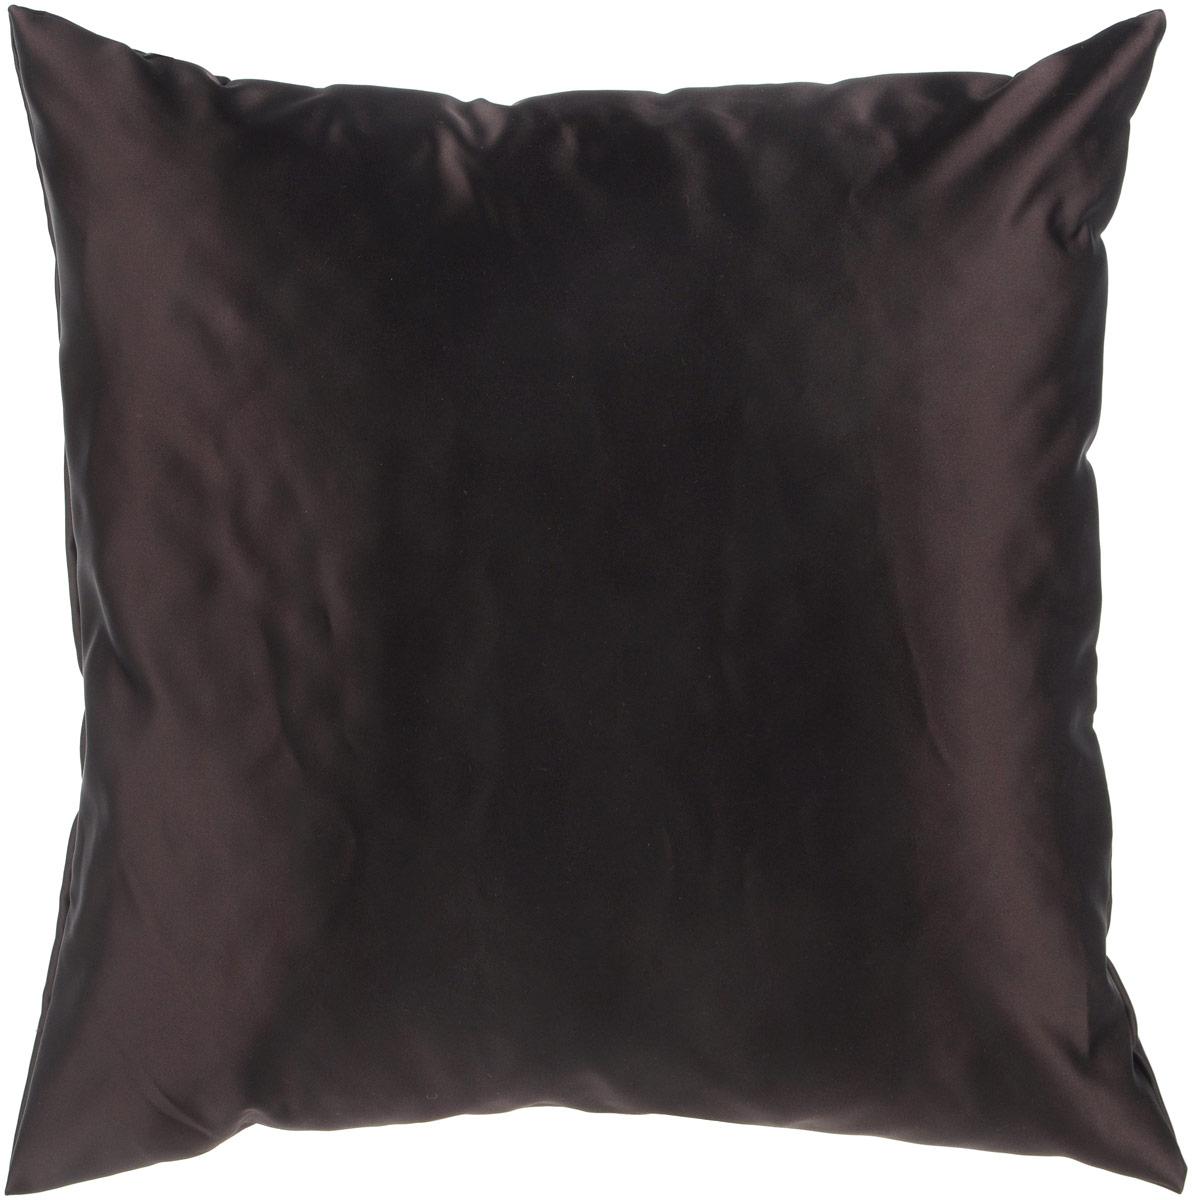 Подушка декоративная KauffOrt Крем, цвет: шоколадный, 40 x 40 см20.05.18.0057Декоративная подушка Крем прекрасно дополнит интерьер спальни или гостиной. Шелковый на ощупь чехол подушки выполнен из прочного полиэстера. Внутри находится мягкий наполнитель. Чехол легко снимается благодаря потайной молнии.Красивая подушка создаст атмосферу уюта и комфорта в спальне и станет прекрасным элементом декора.